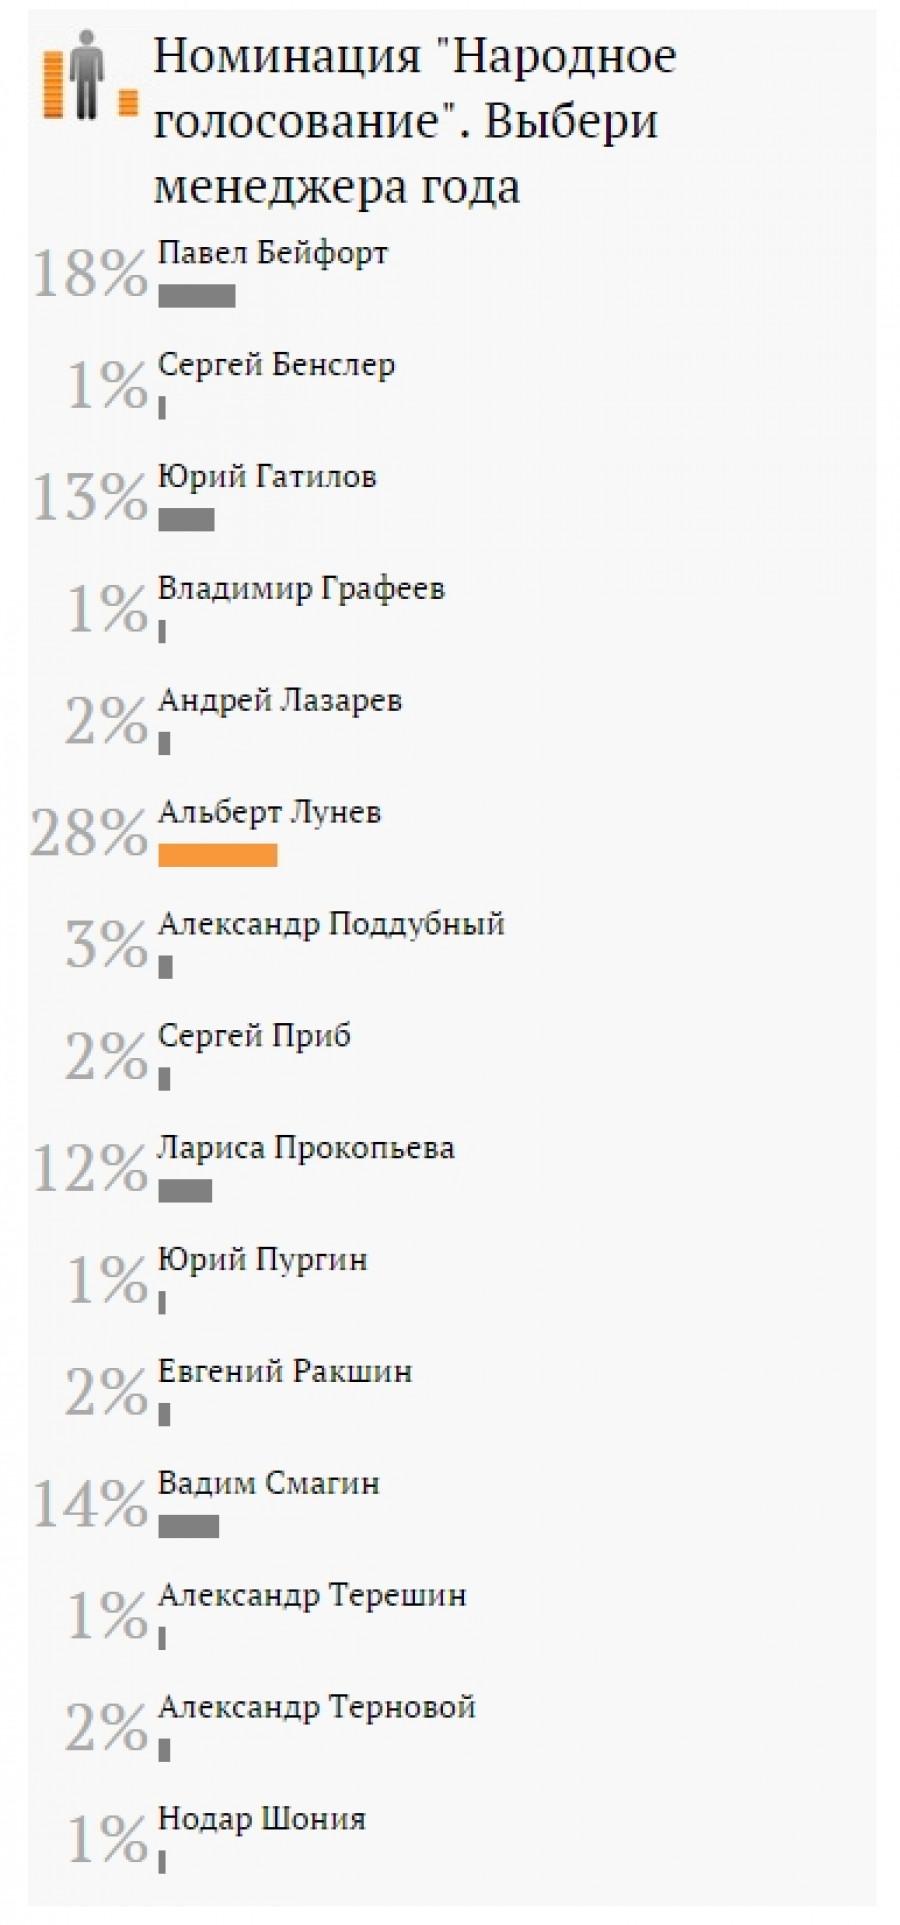 """Результаты народного голосования в рейтинге """"Менеджер года-2015""""."""